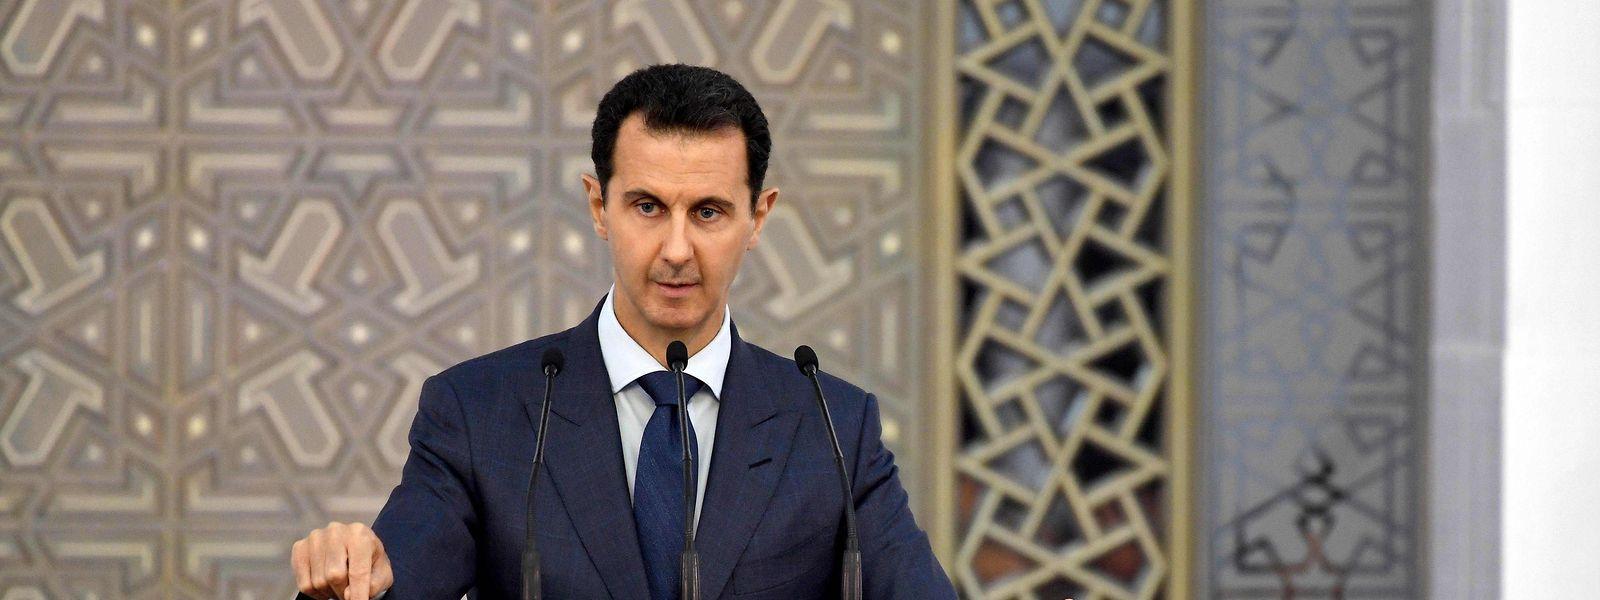 Baschar al-Assad ist seit dem Jahr 2000 Syriens Staatspräsident (Archivfoto).